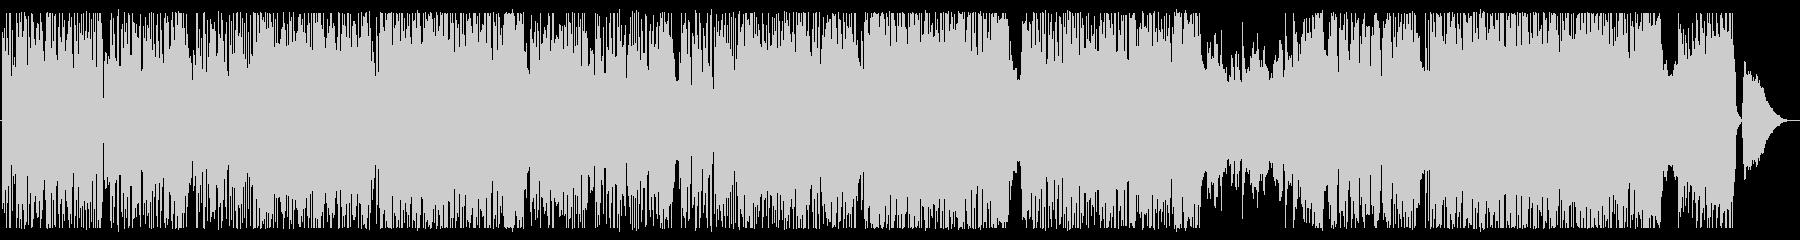 サビの連呼が印象的なかっこかわいいロックの未再生の波形